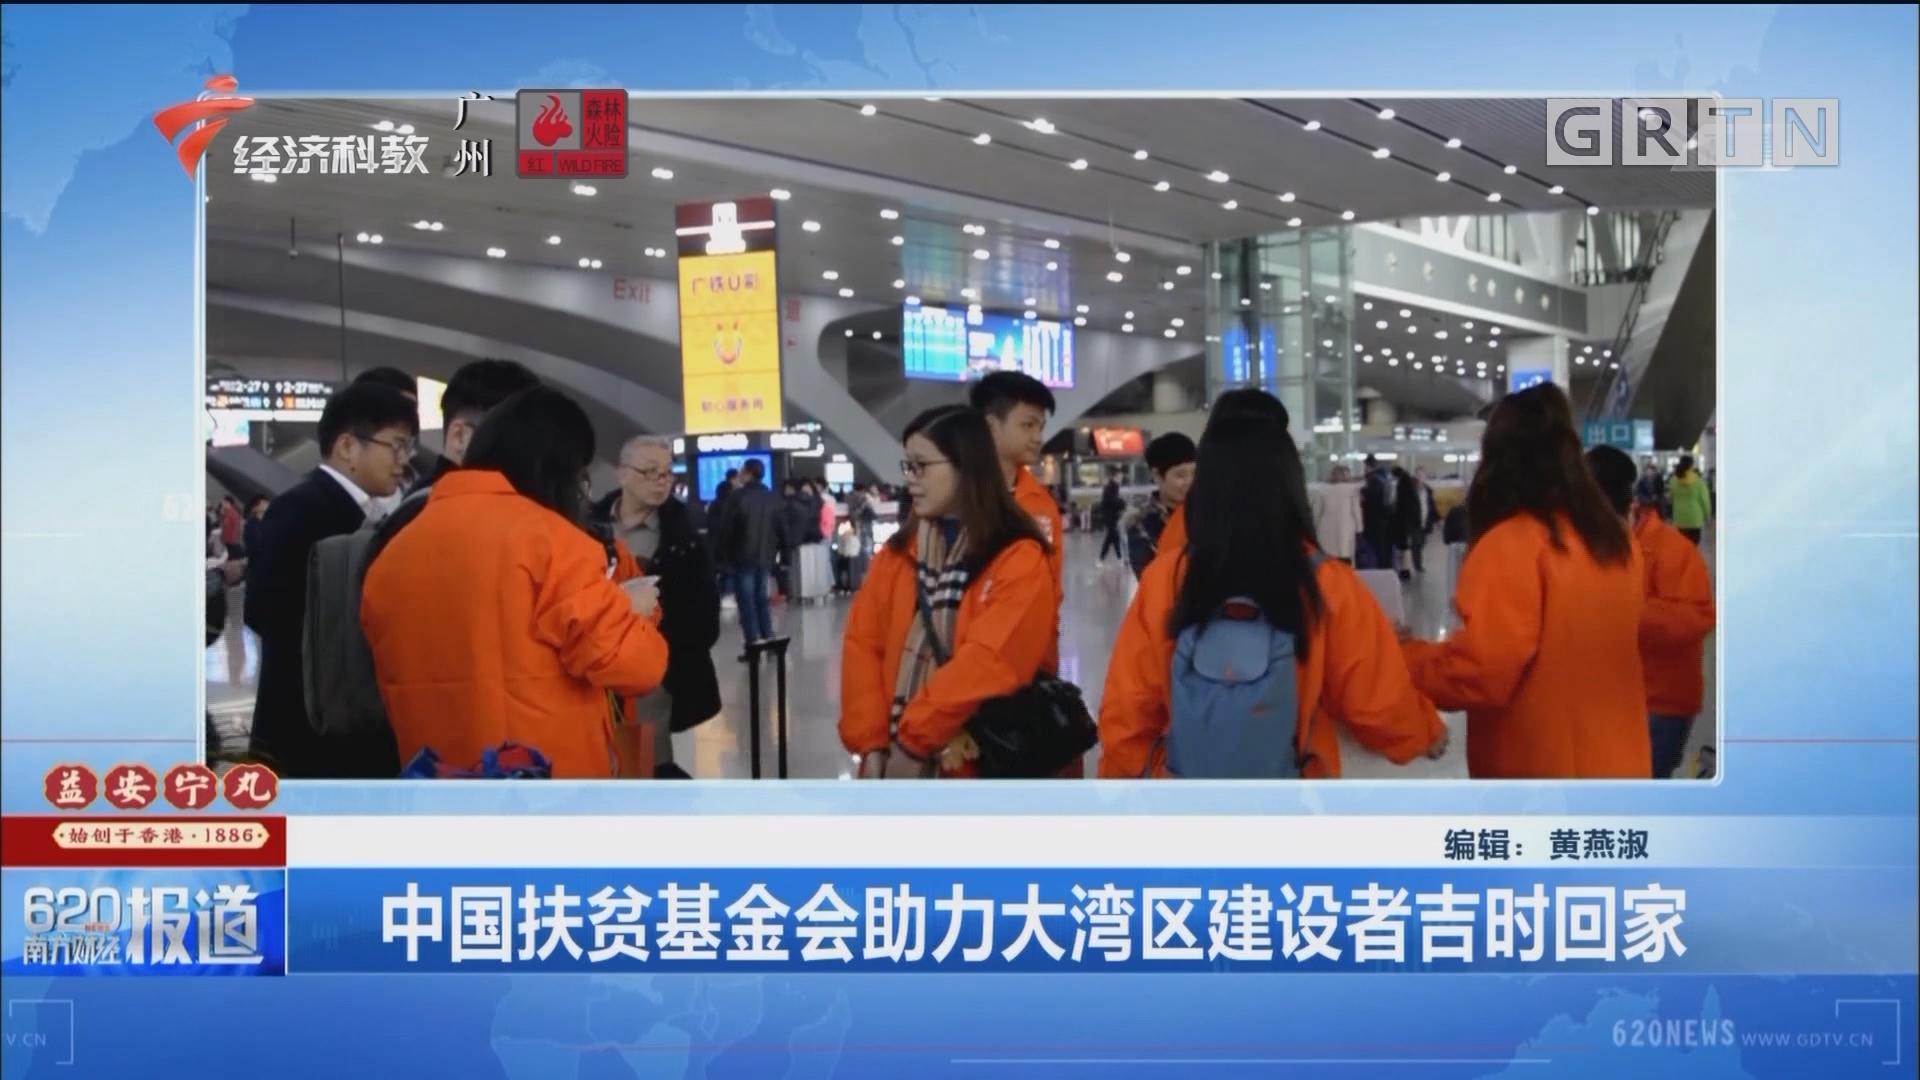 中国扶贫基金会助力大湾区建设者吉时回家